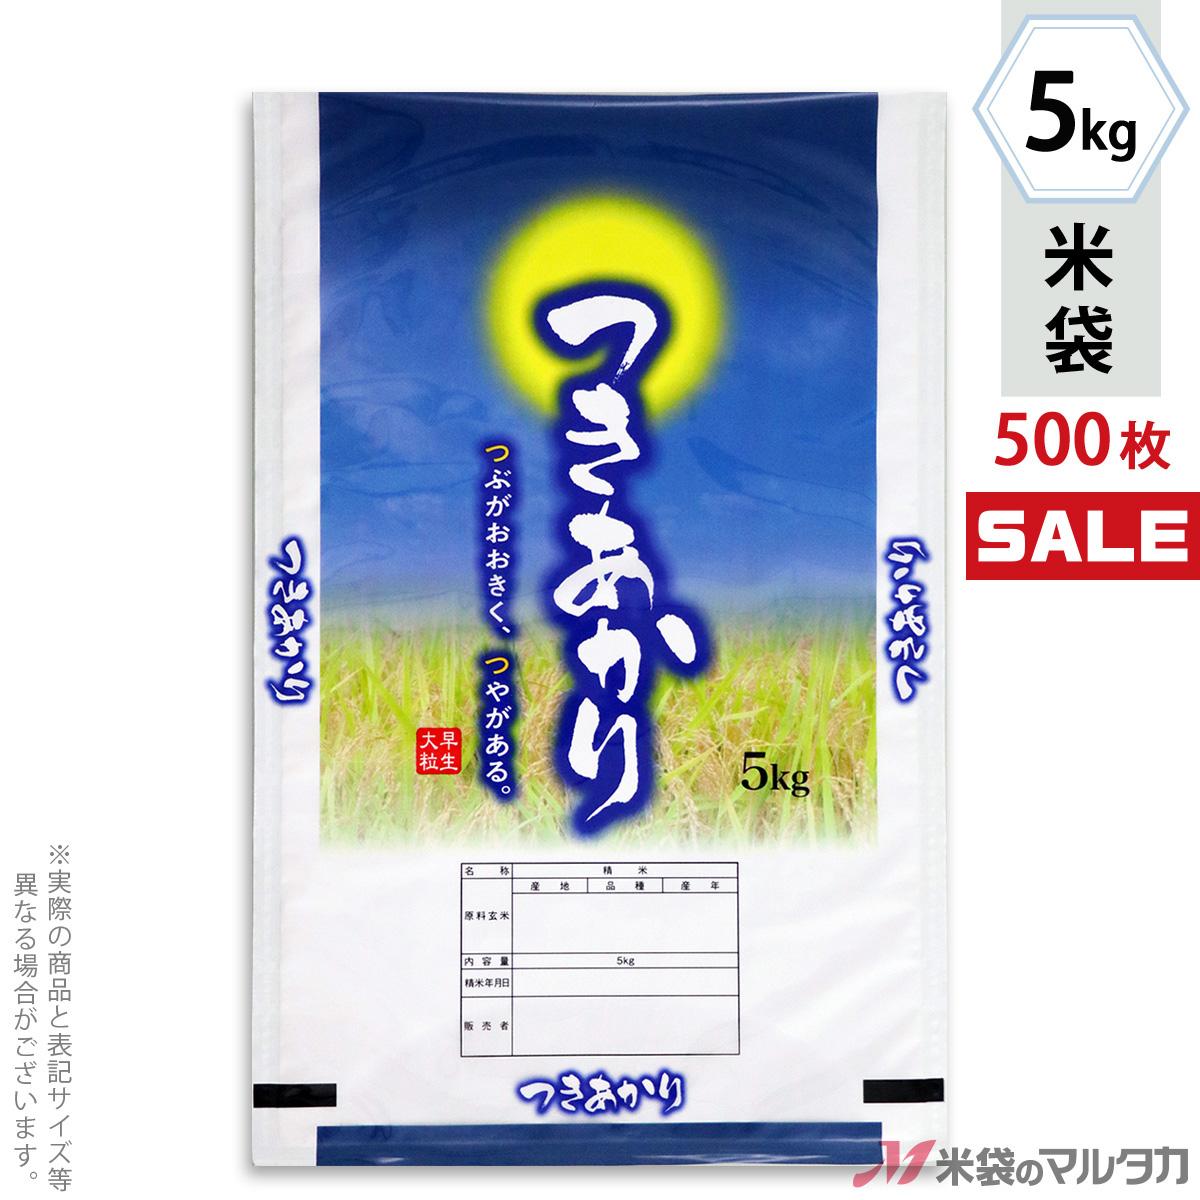 <キャンペーン対応>米袋 ポリポリ ネオブレス つきあかり お月さま 5kg 1ケース(500枚入) MP-5545